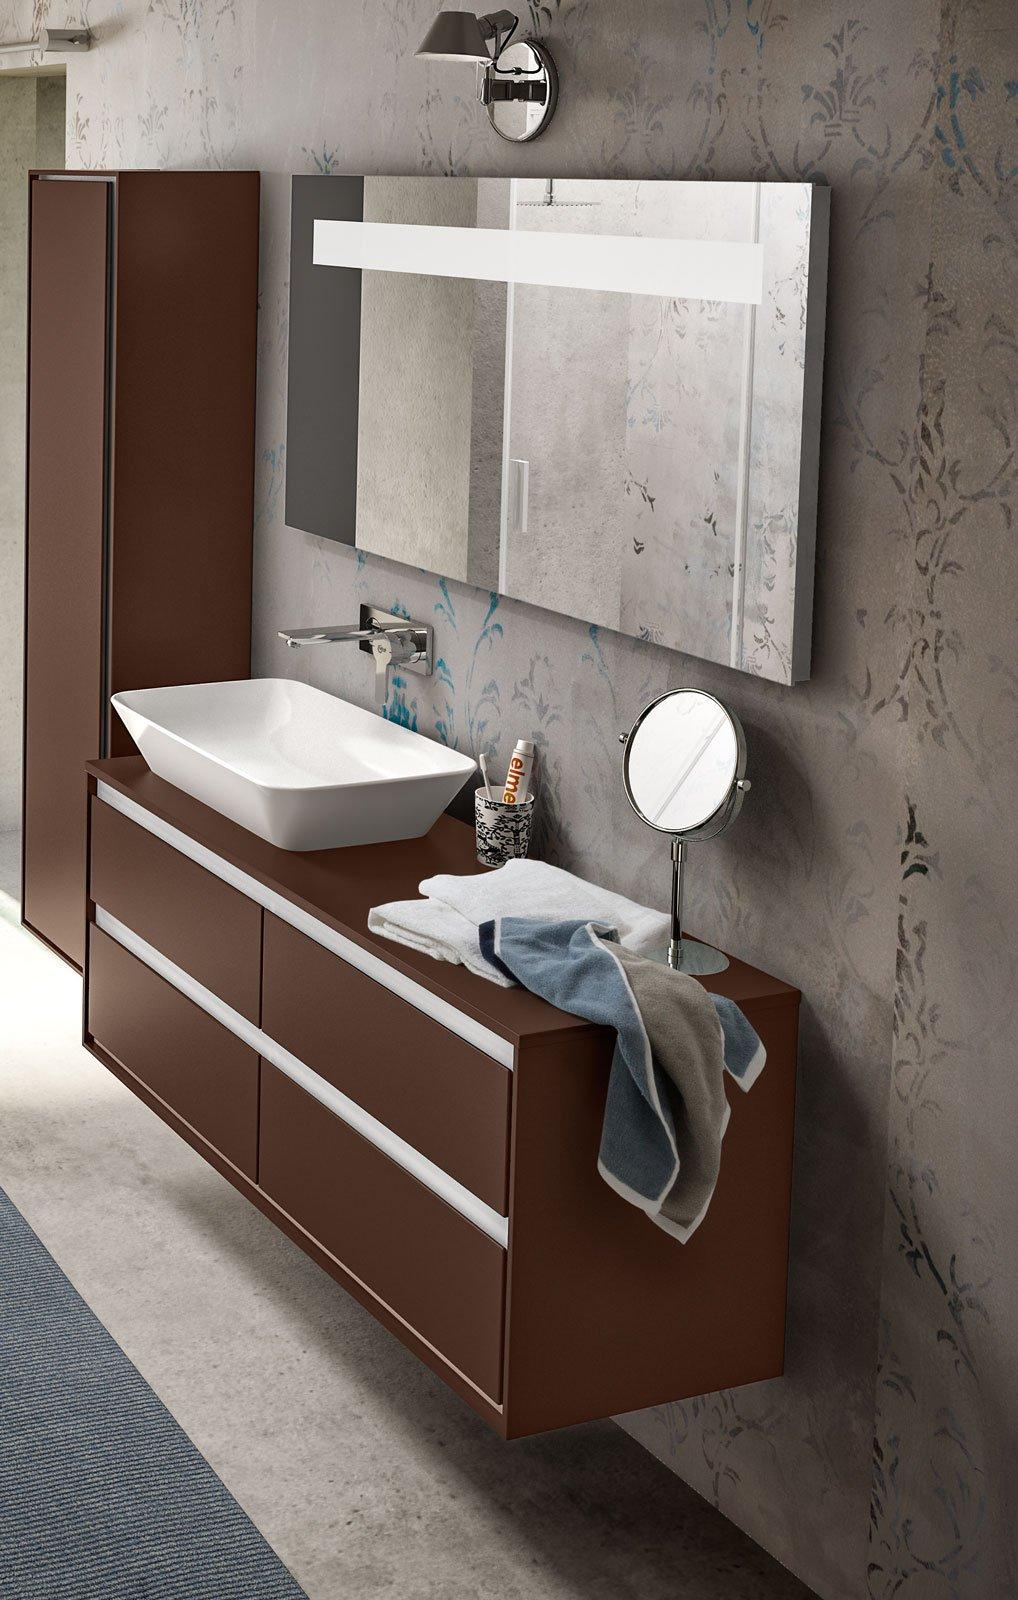 Bagno di casa xj76 regardsdefemmes - Detrazione fiscale per rifacimento bagno ...